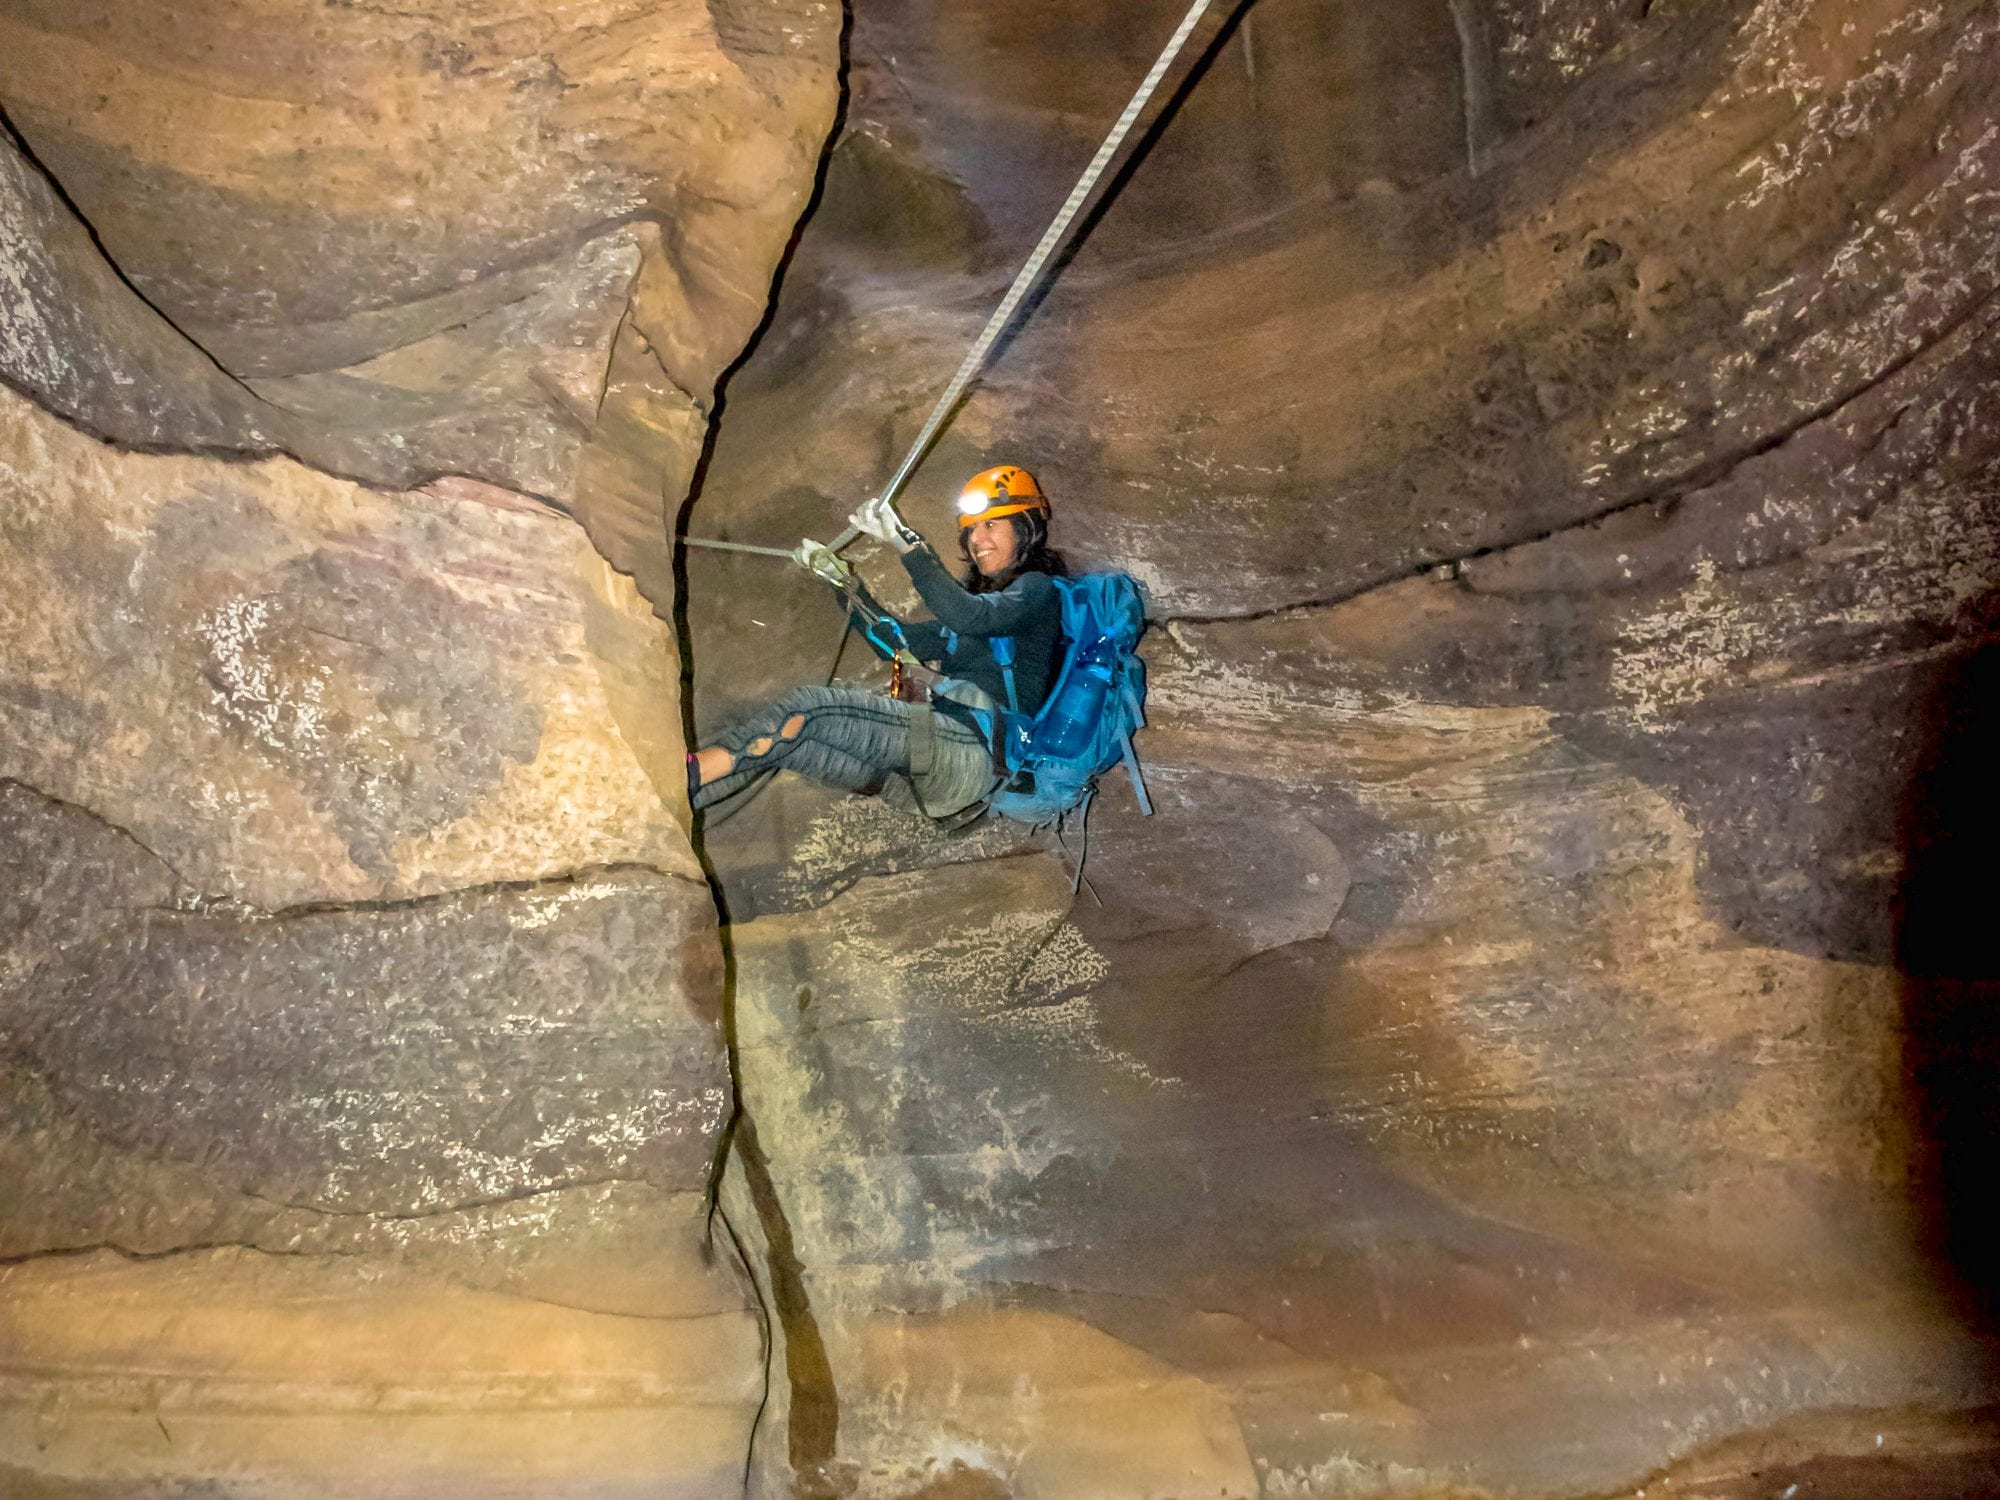 טיול לירדן - סנפלניג בקניוני ראג'ף - אומגה - ערוצים בטבע